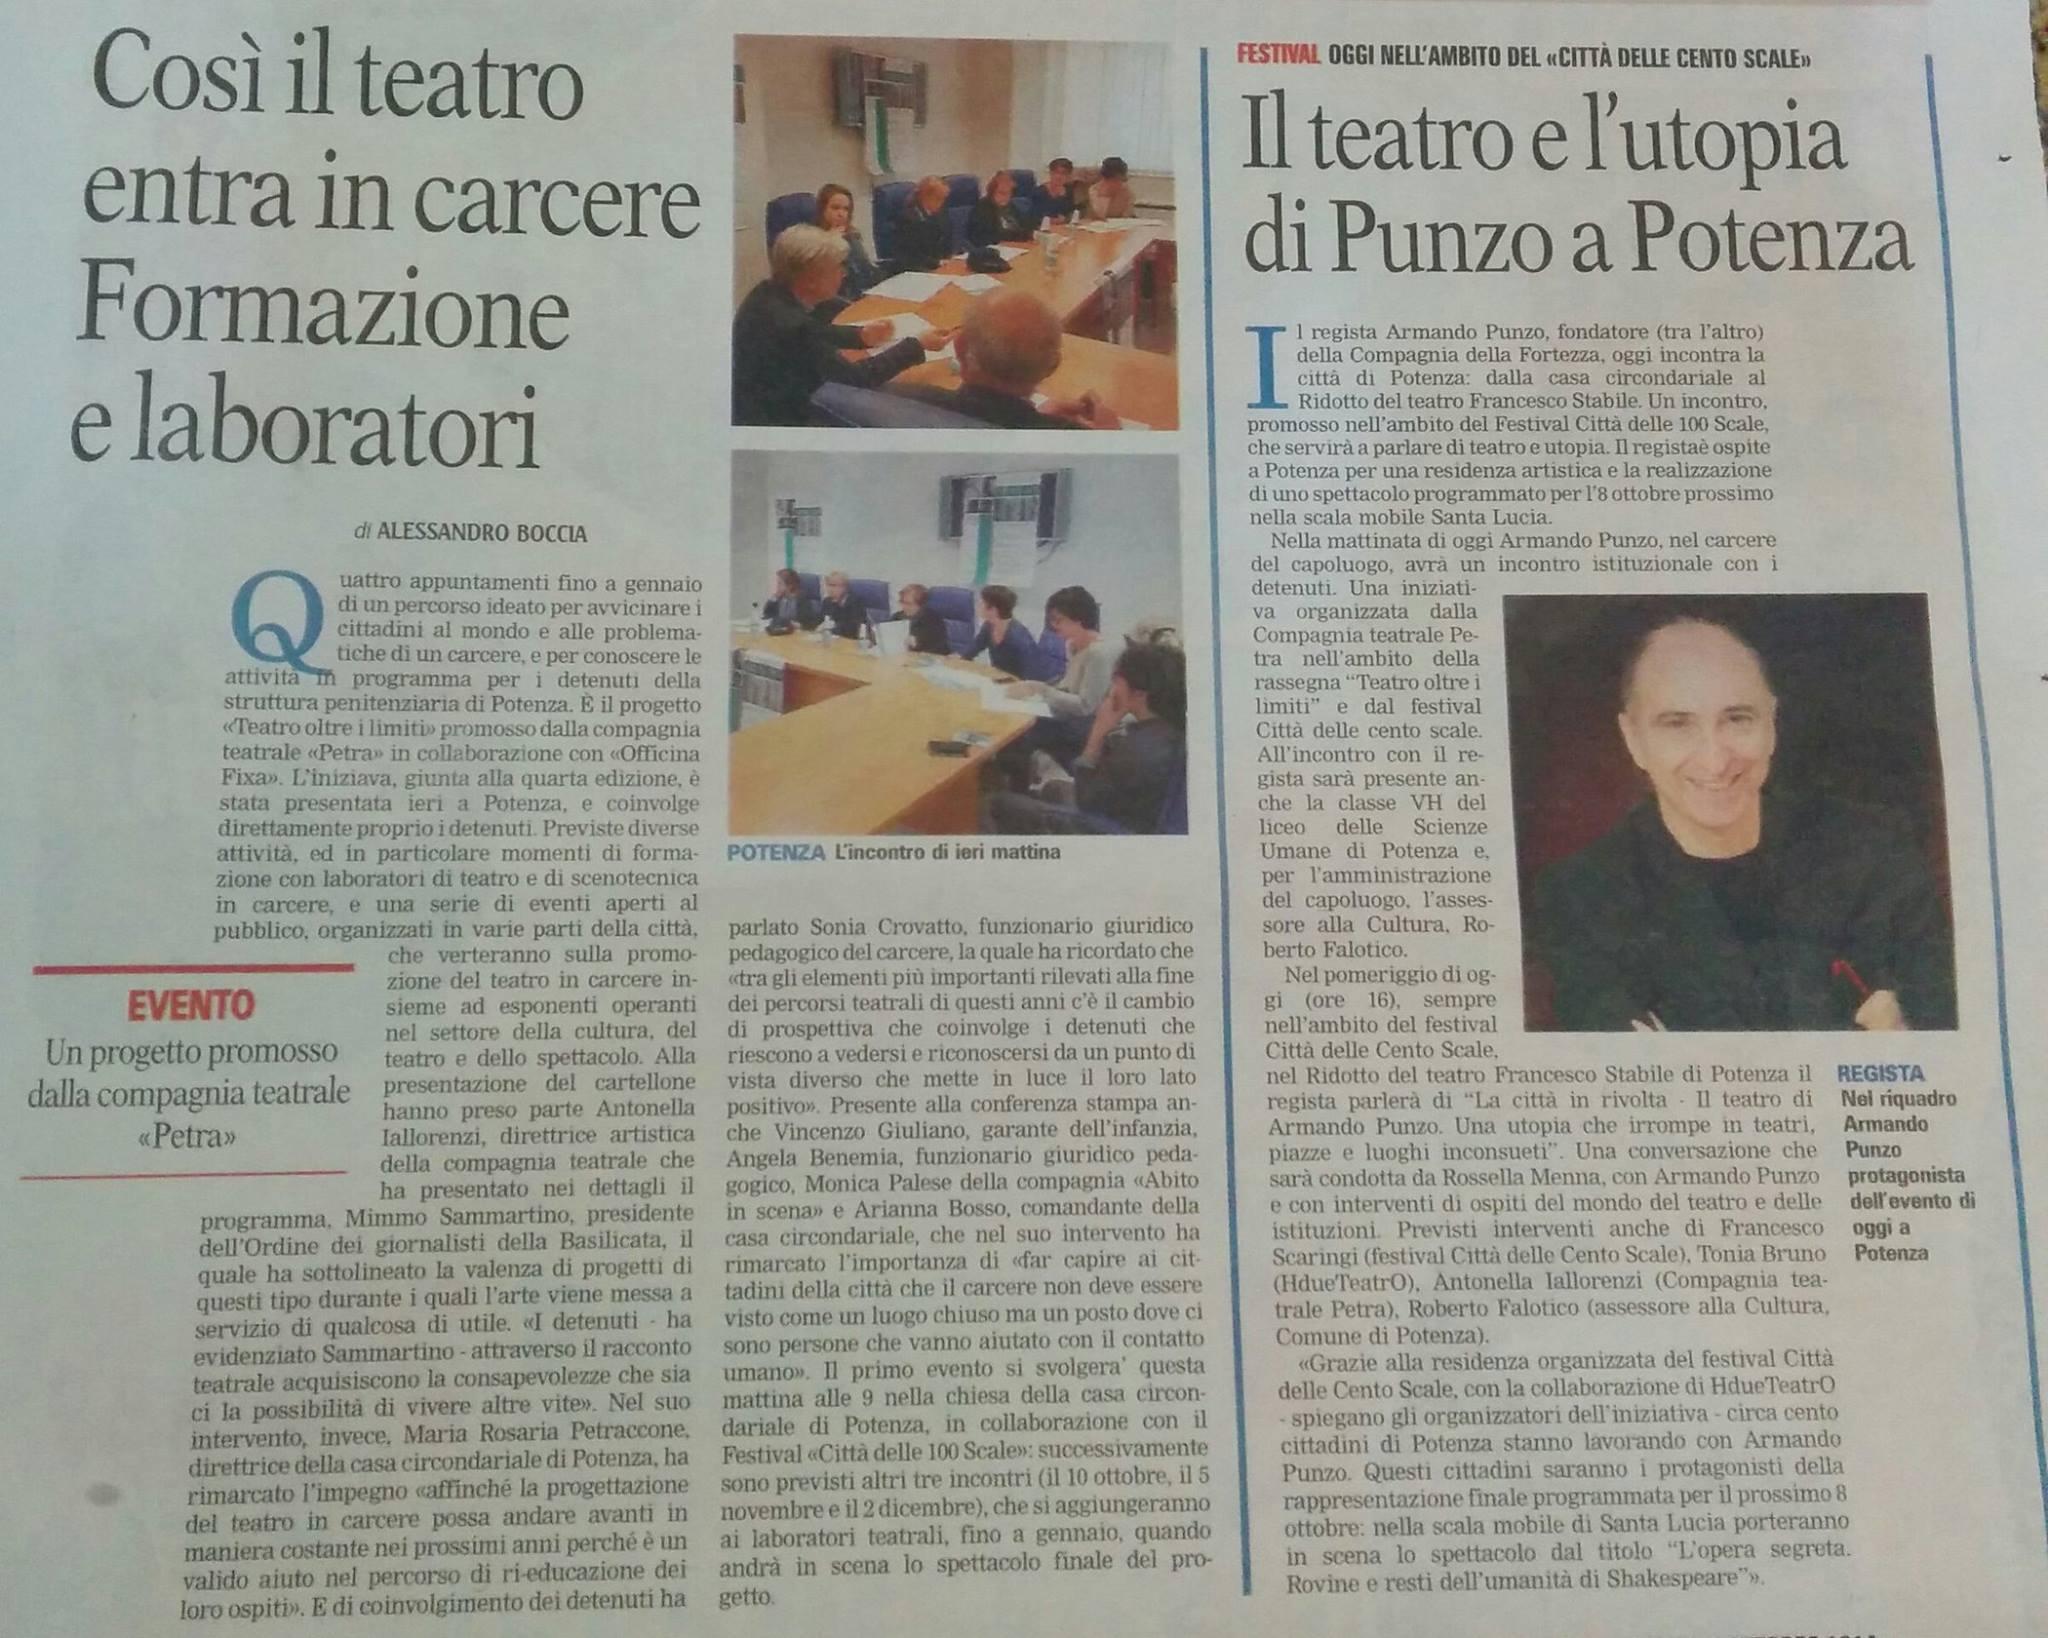 Gazzetta del Mezzogiorno 04/10/2016